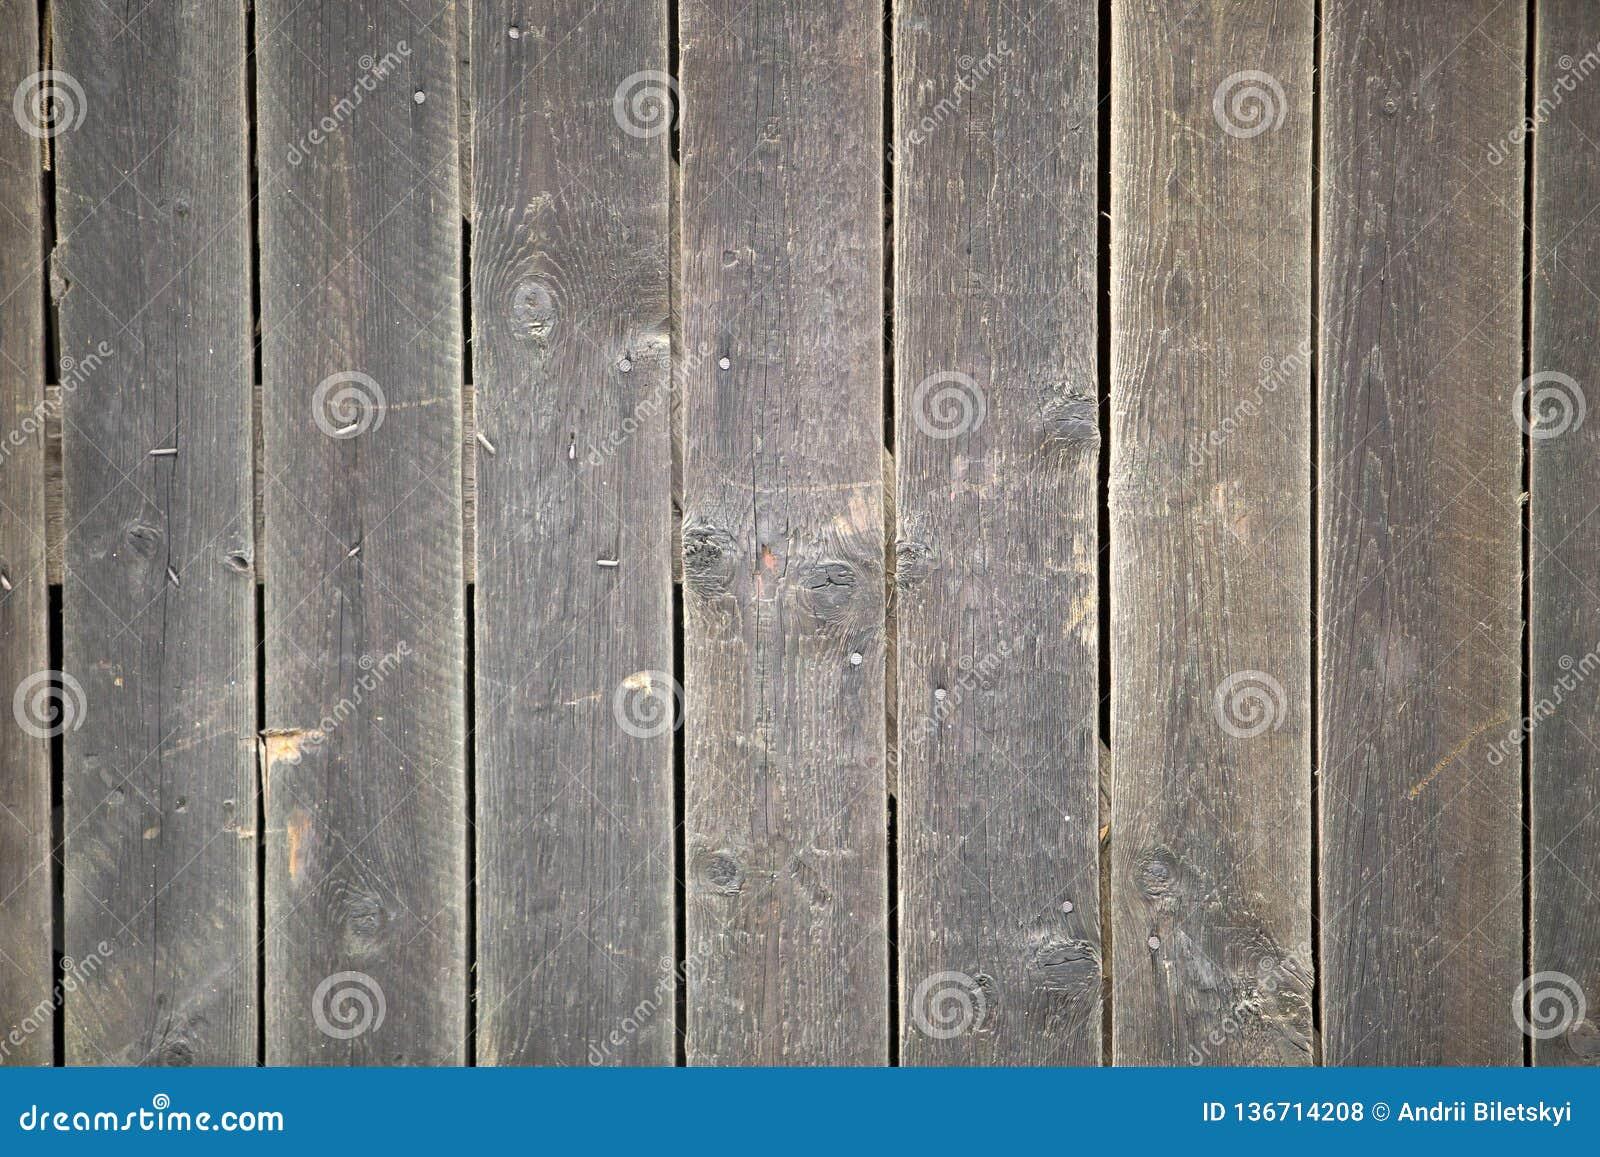 Zakończenie naturalny stary rocznik wietrzejąca szara brown unpainted stała drewniana brama lub ogrodzenie deski i deski ekologic